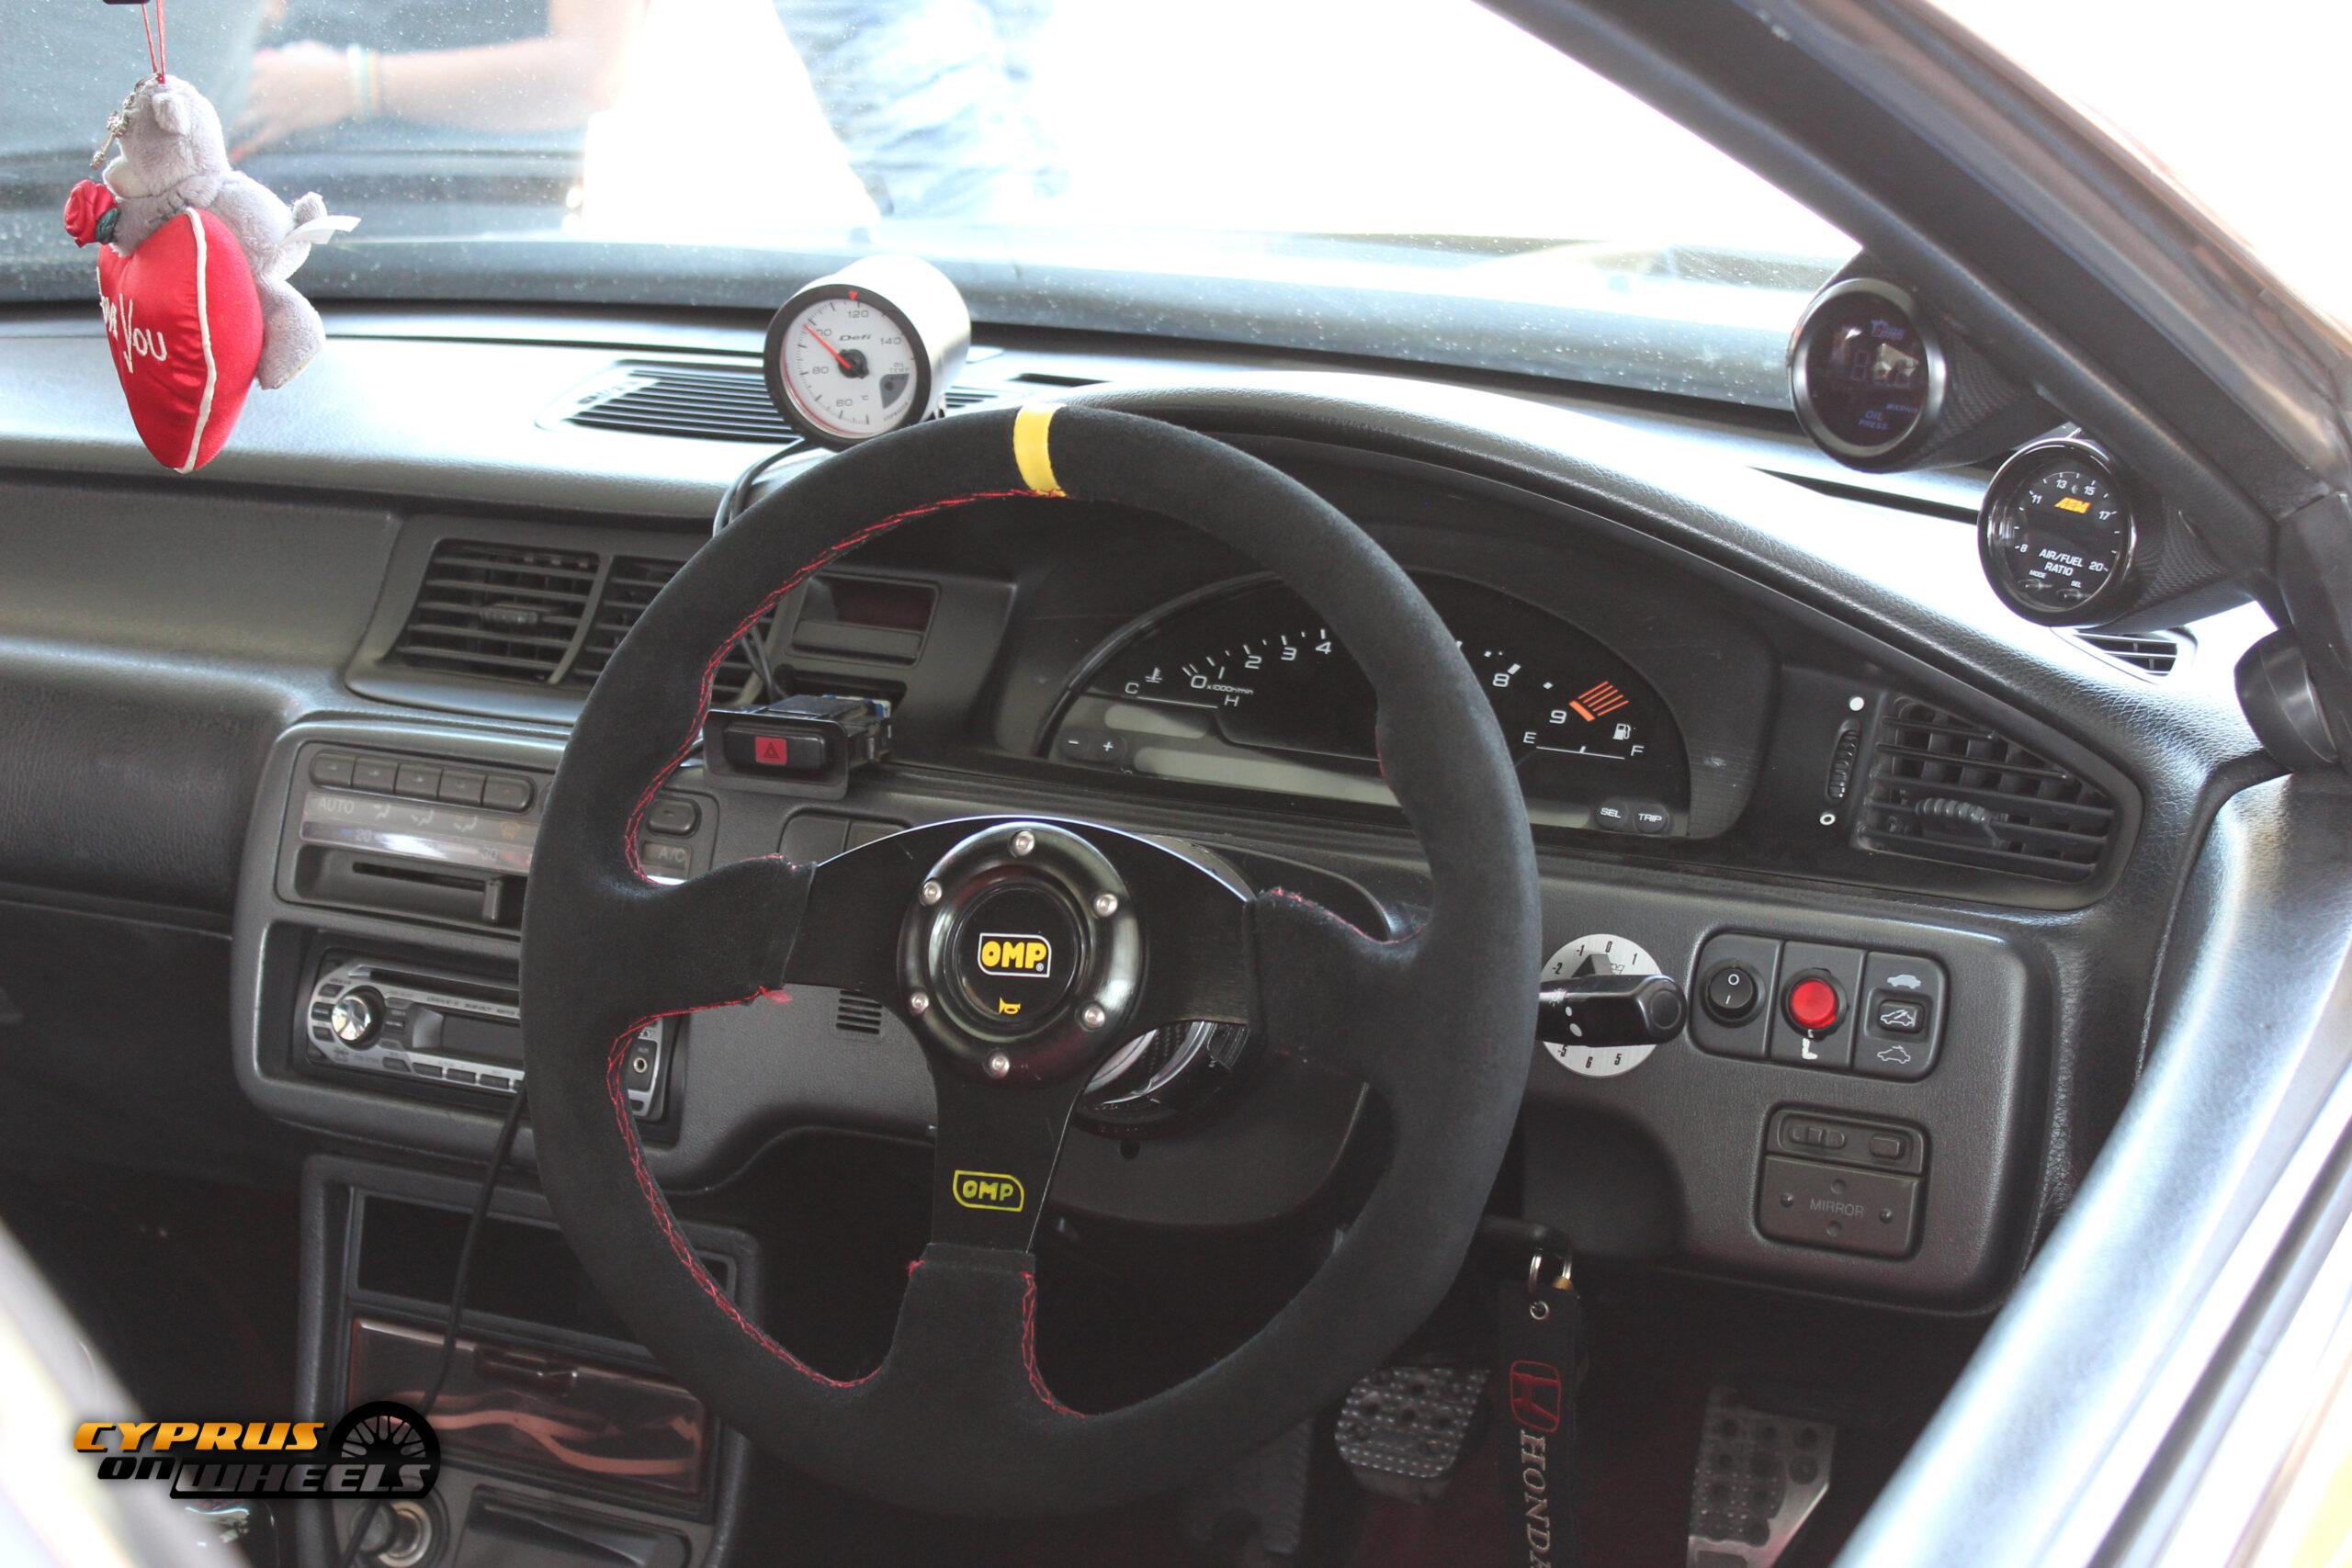 HONDA EG S2000 DASH